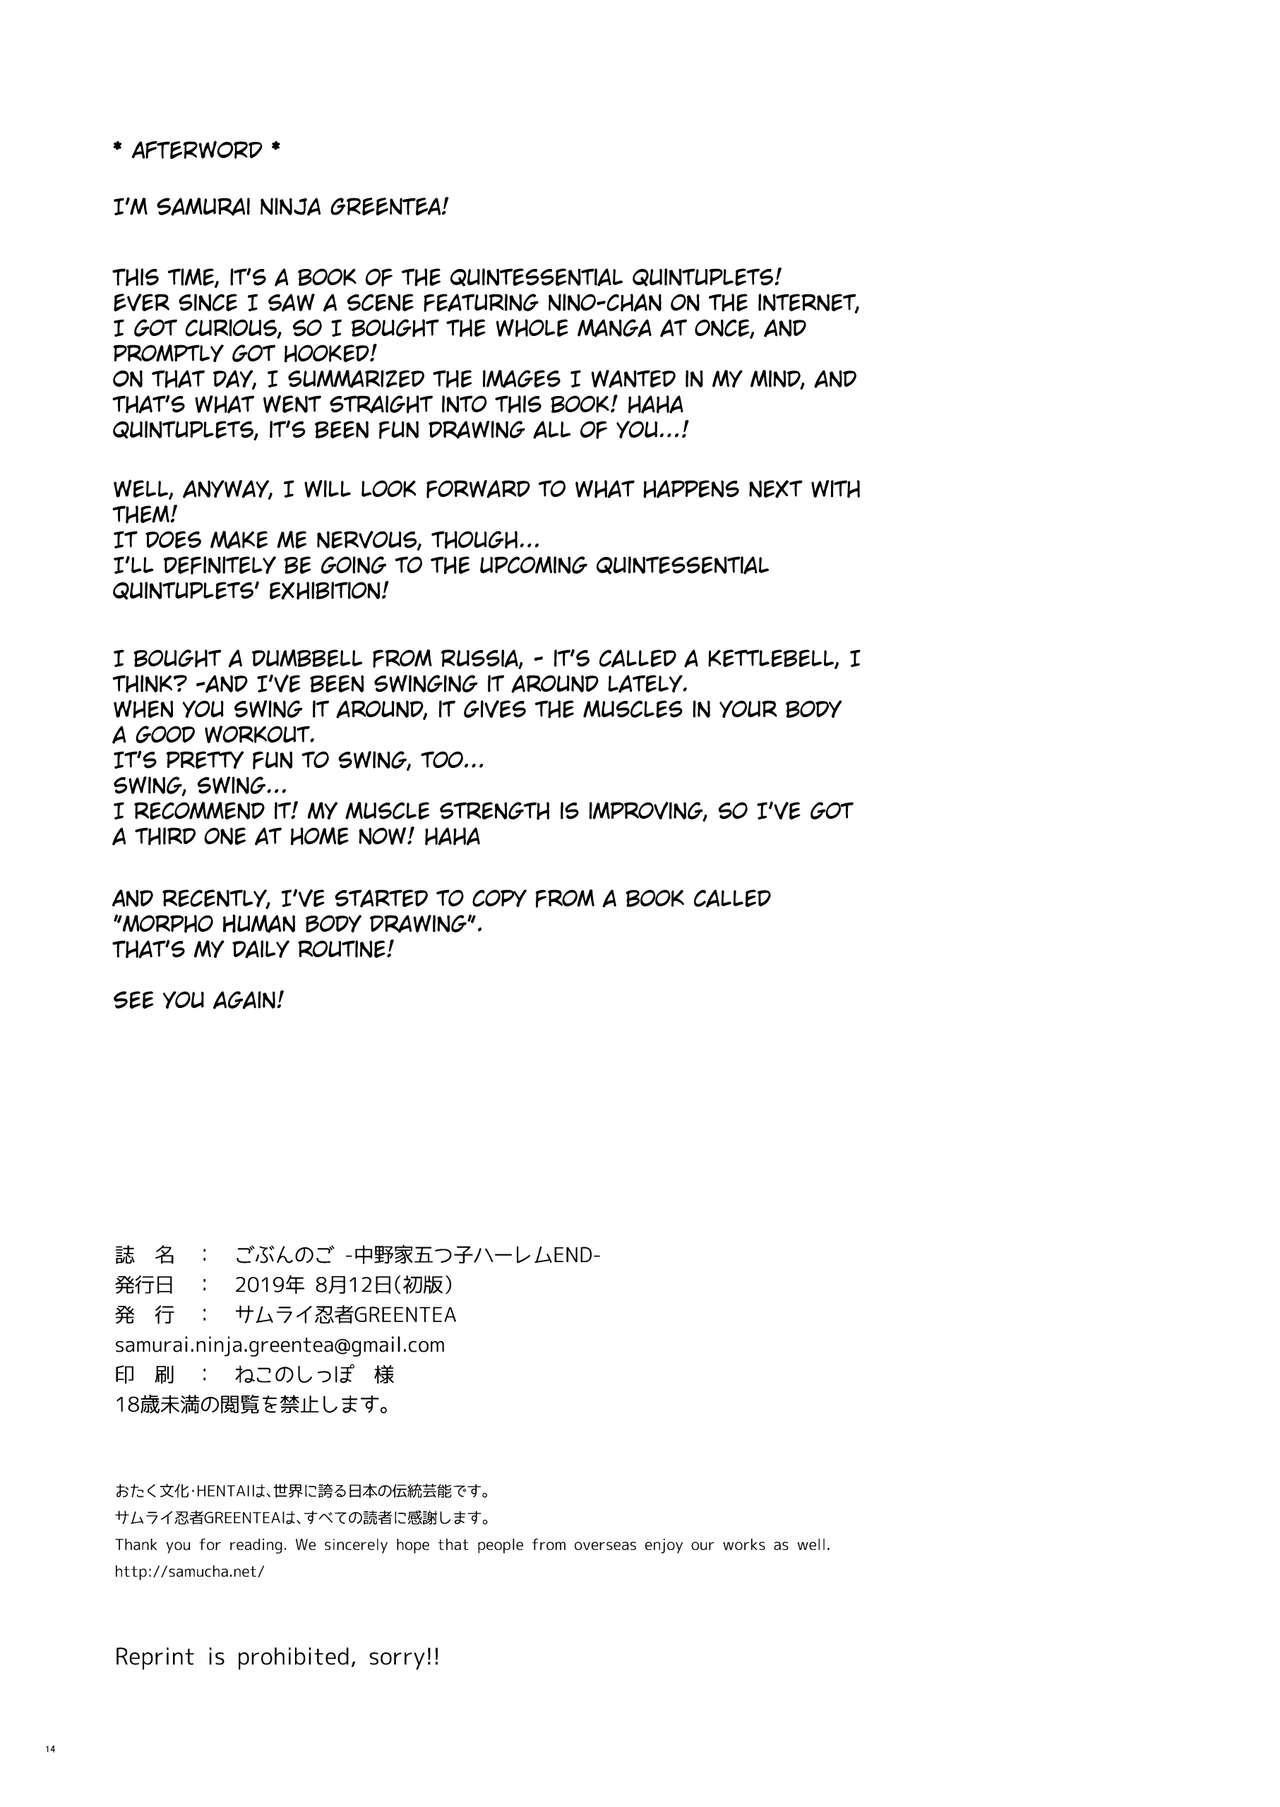 [Samurai Ninja GREENTEA] Gobun no Go -Nakano-ke Itsutsugo Harem END-   Five Fifths -Nakano Quintuplets' Harem END- (Gotoubun no Hanayome) [English] [syraku] [Digital] 12